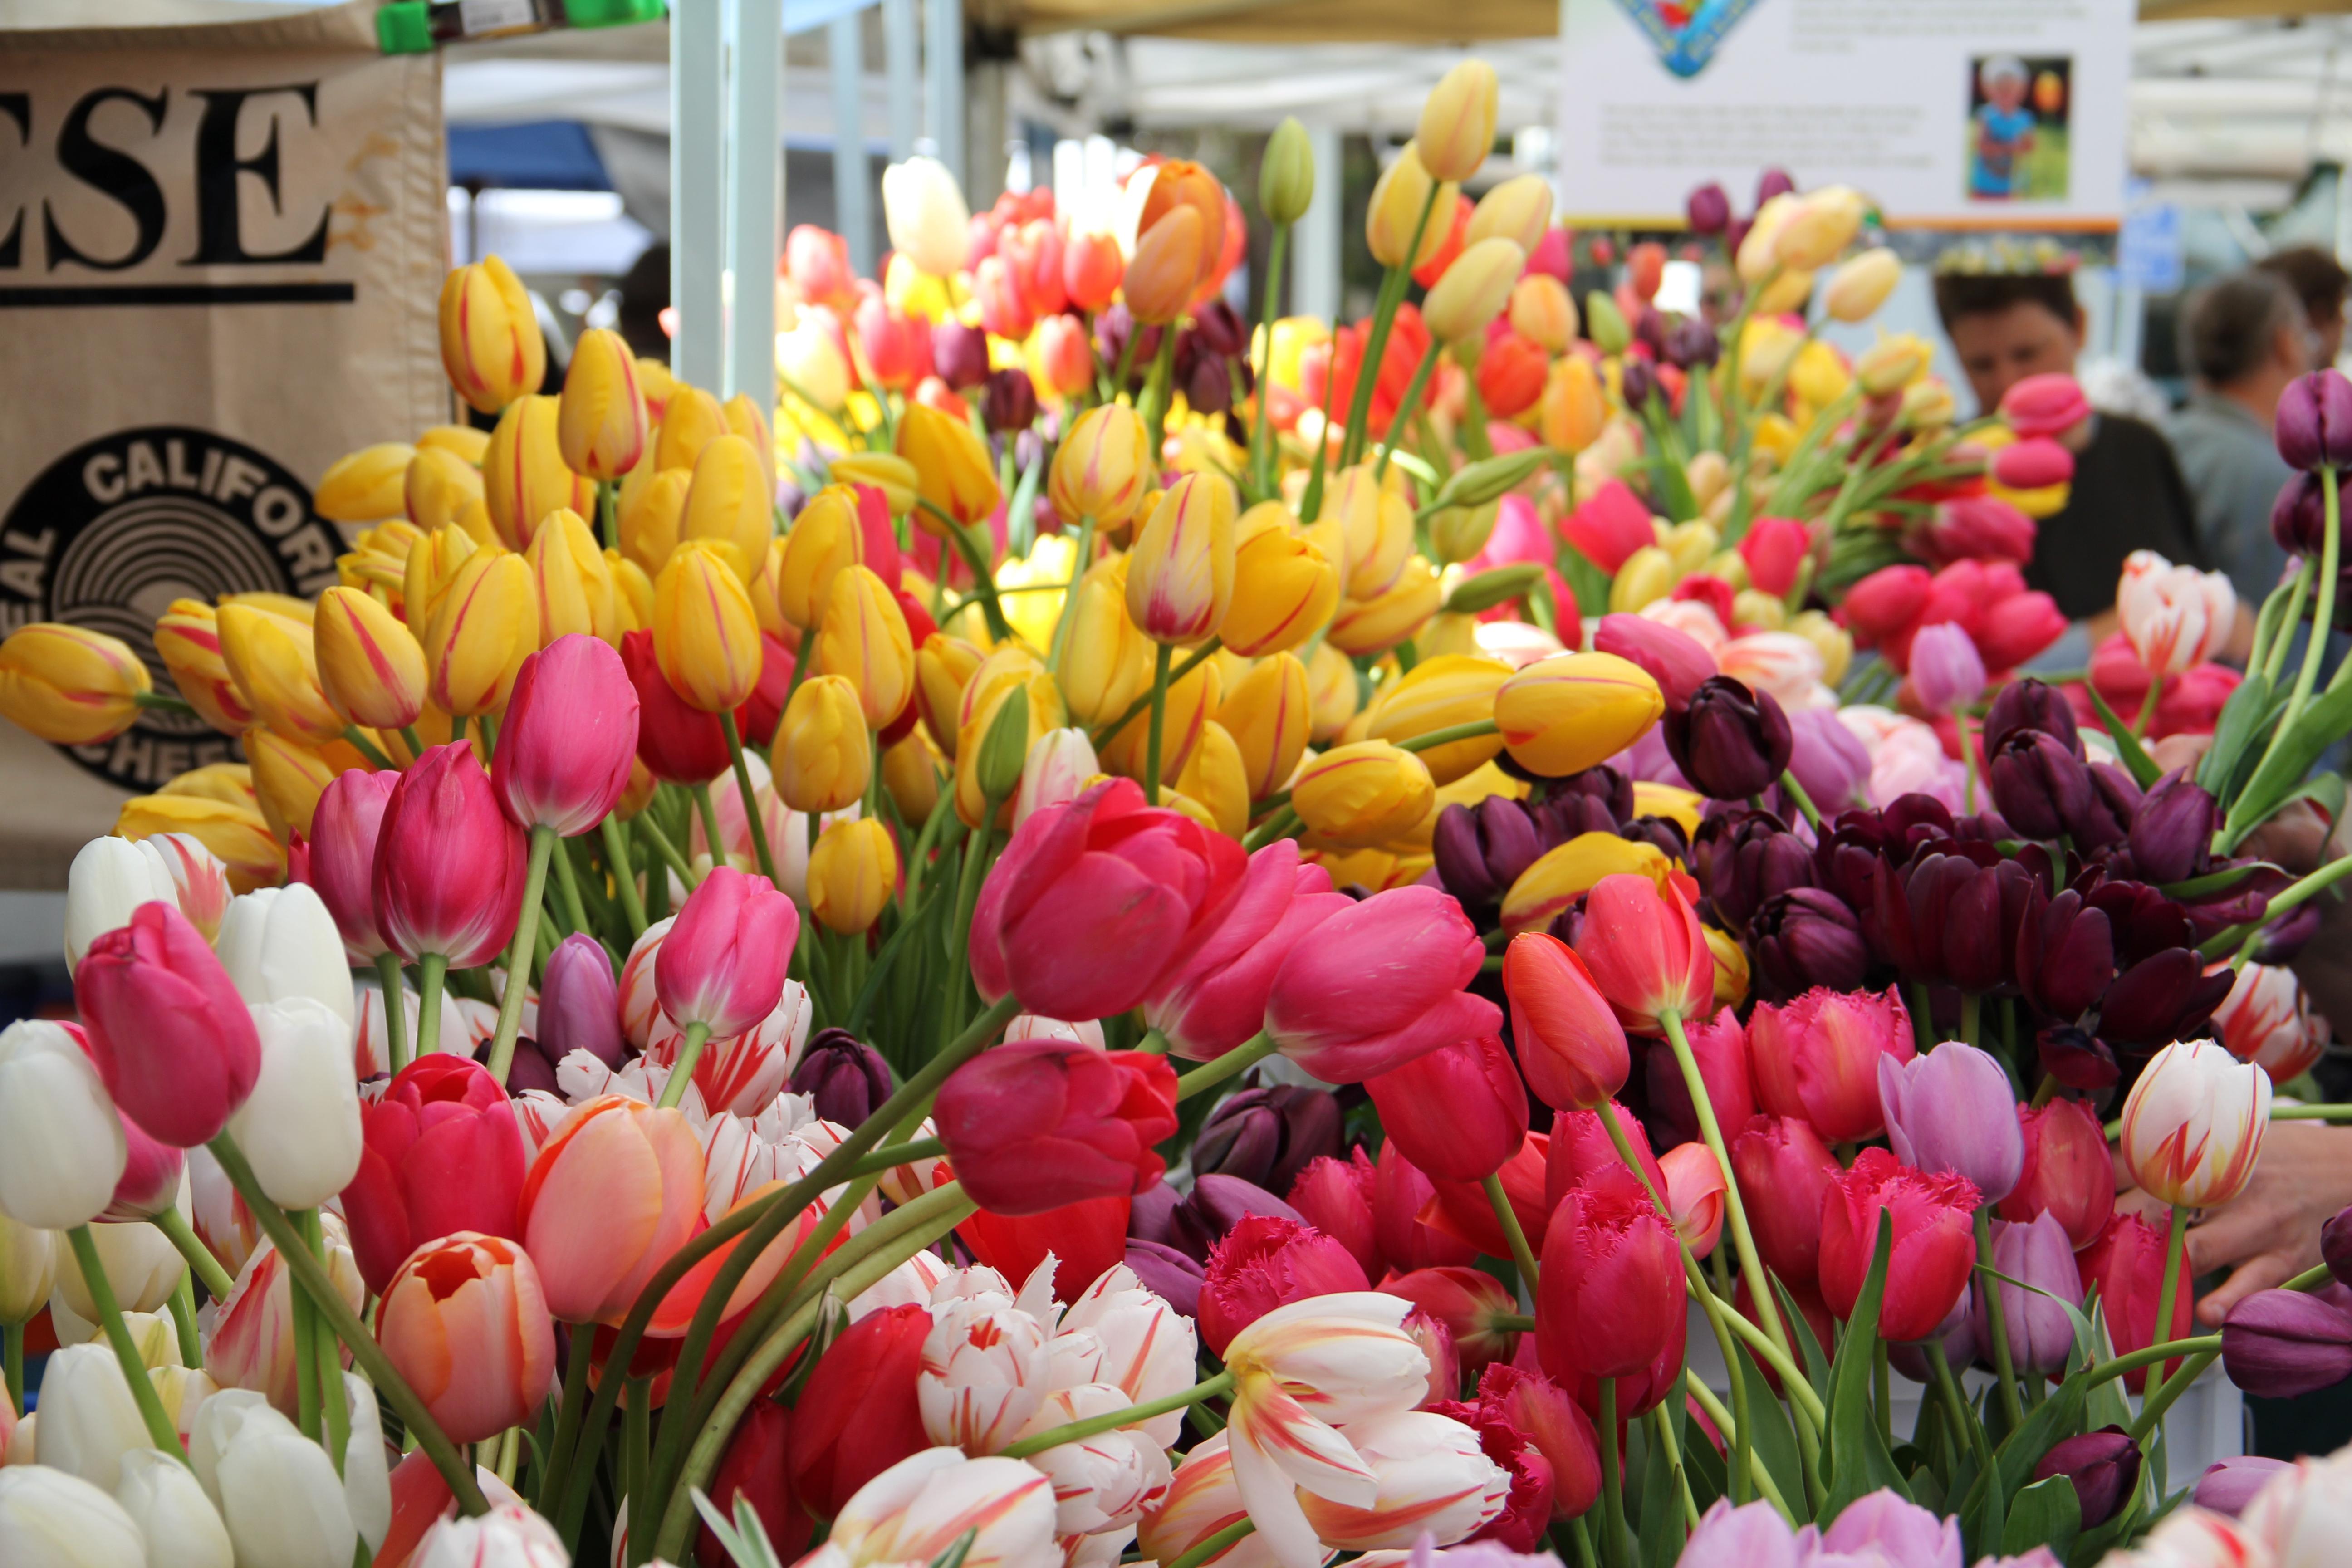 Nắm vững kỹ thuật trồng hoa sẽ giúp người trồng hoa có được những bông tulip rực rỡ nhất